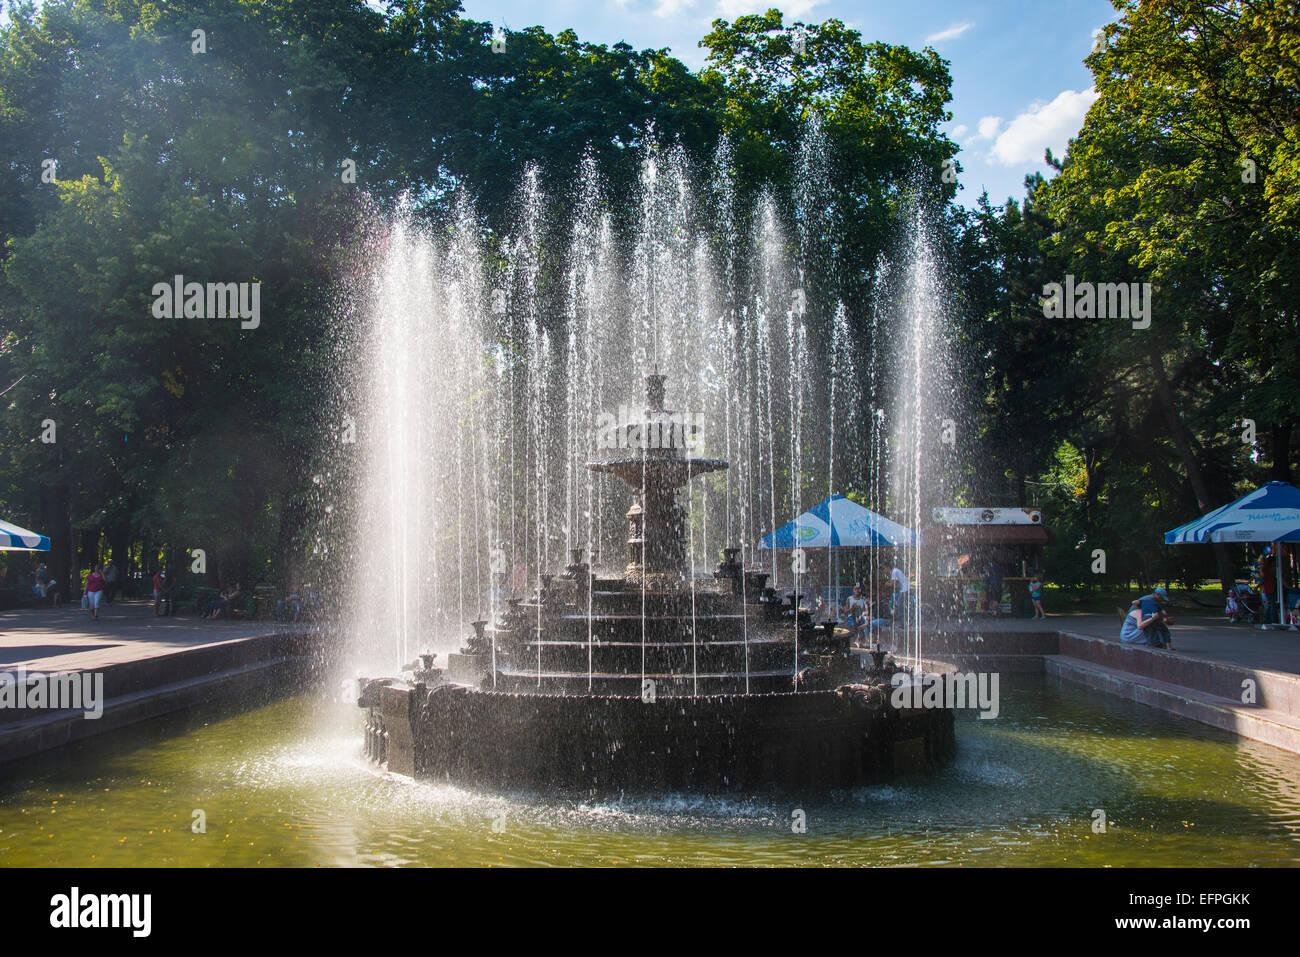 Fontana nell'Stefan cel Mare parco nel centro di Chisinau, capitale della Moldavia, dell'Europa orientale Immagini Stock